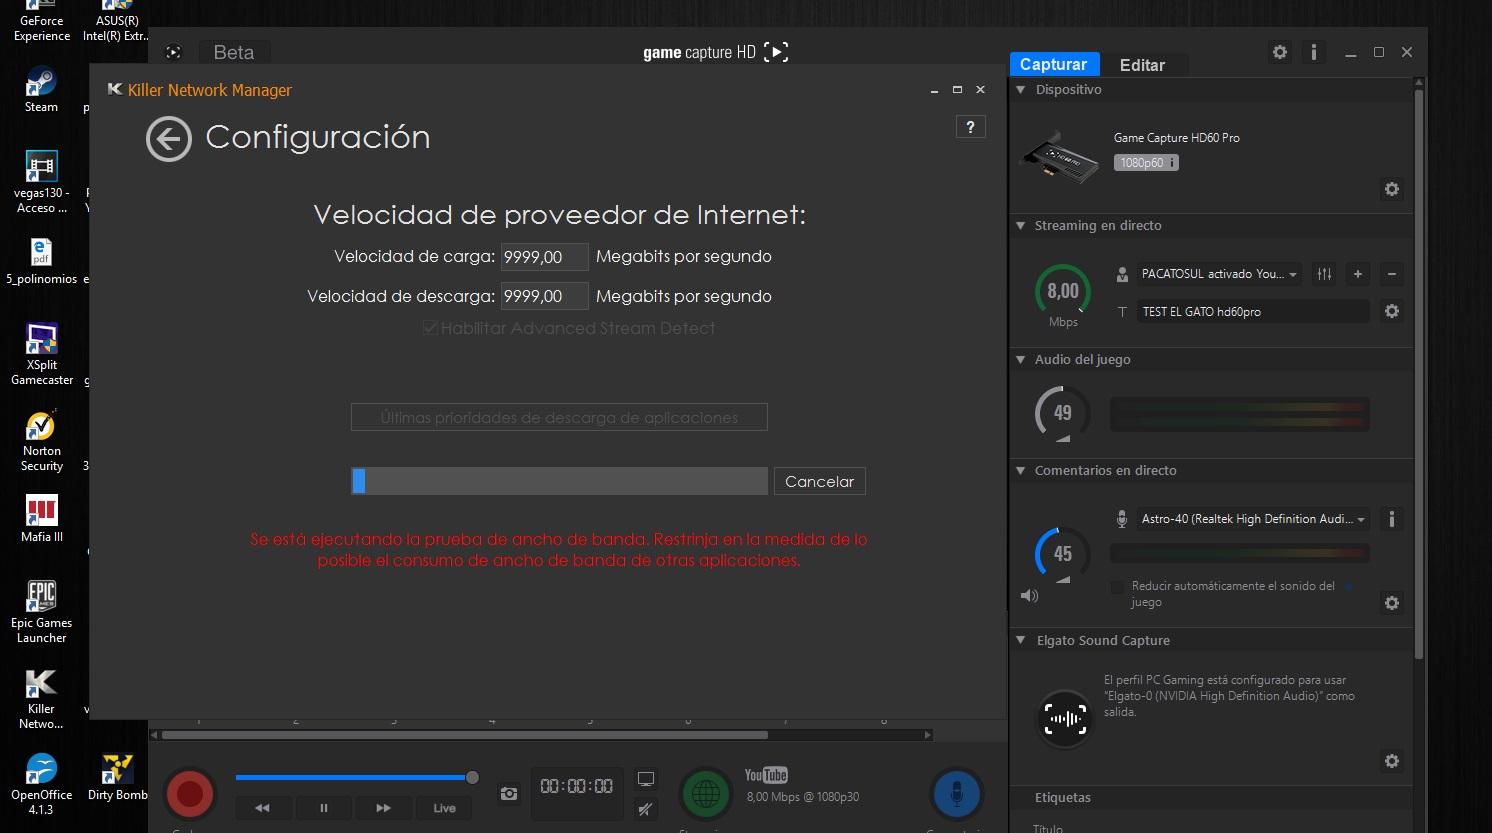 Captura de pantalla (14).jpg